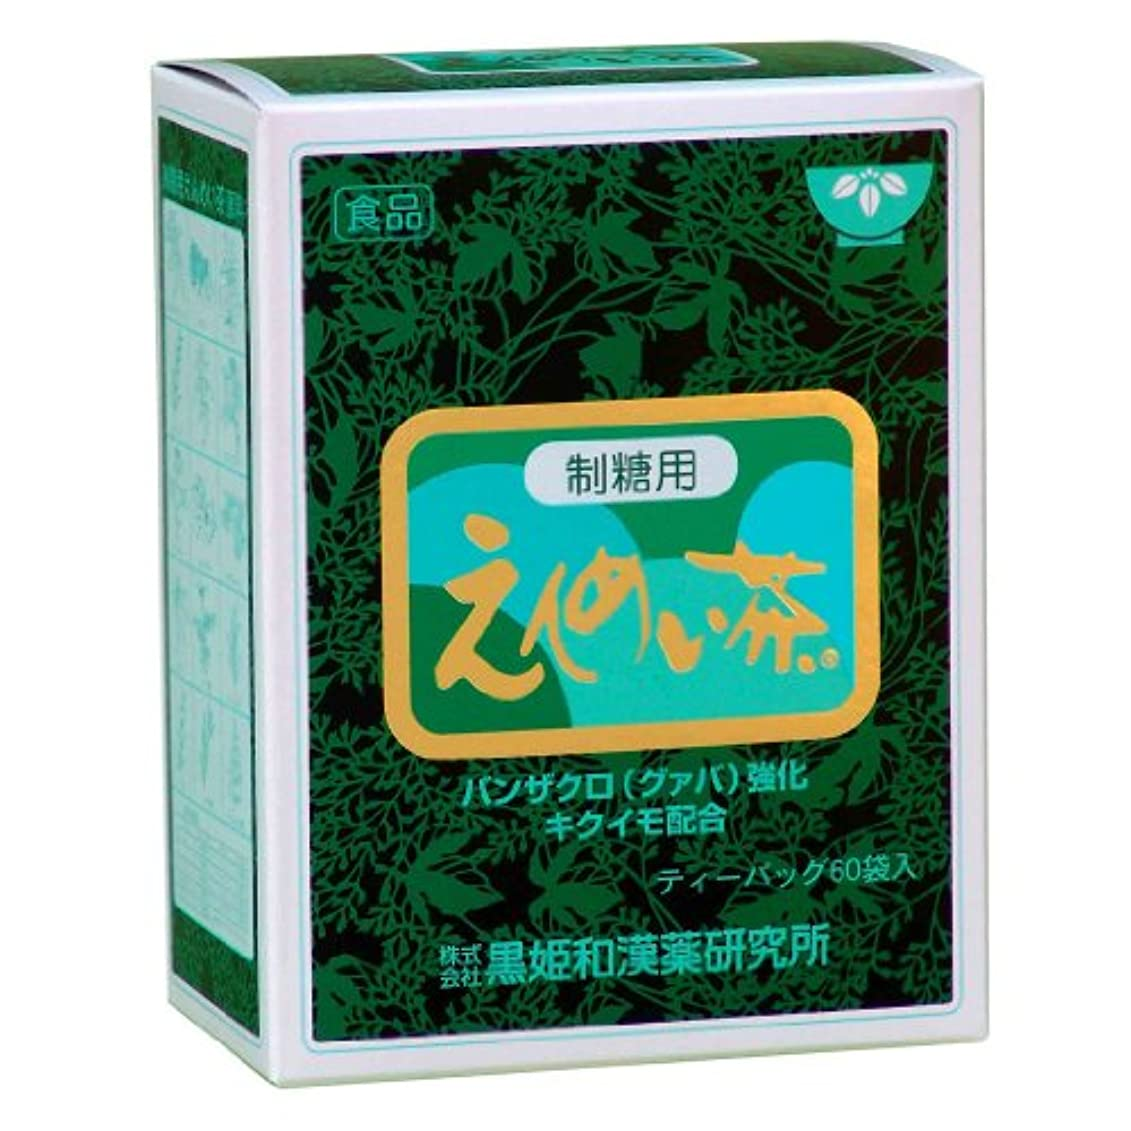 防水令状補助金ユニマットリケン 黒姫えんめい茶制糖用 5gx60包